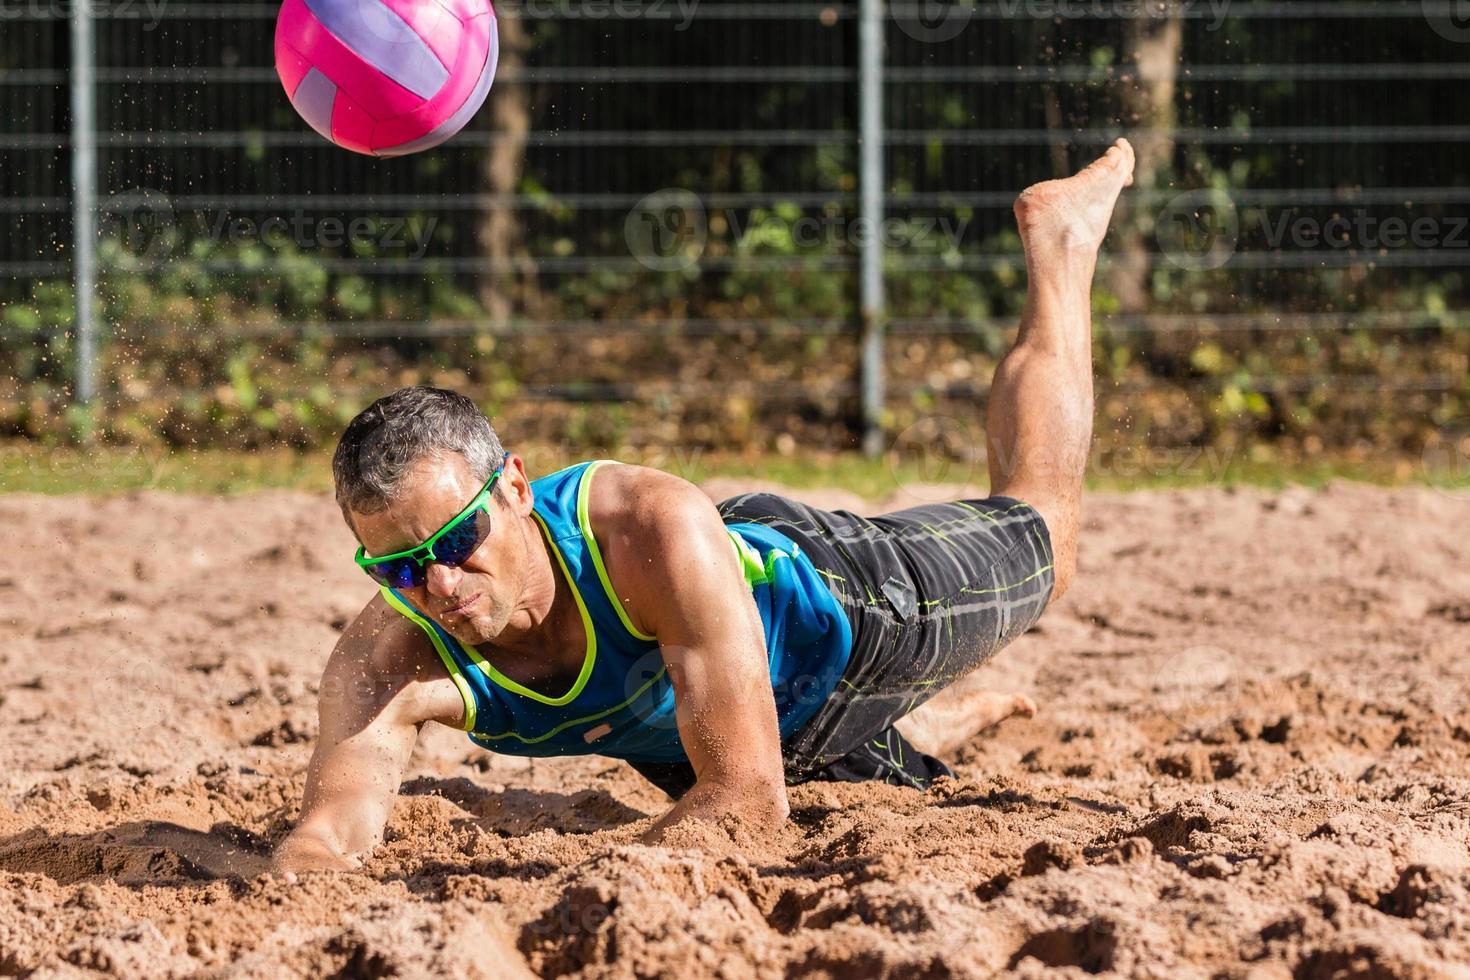 Beachvolleyball photo